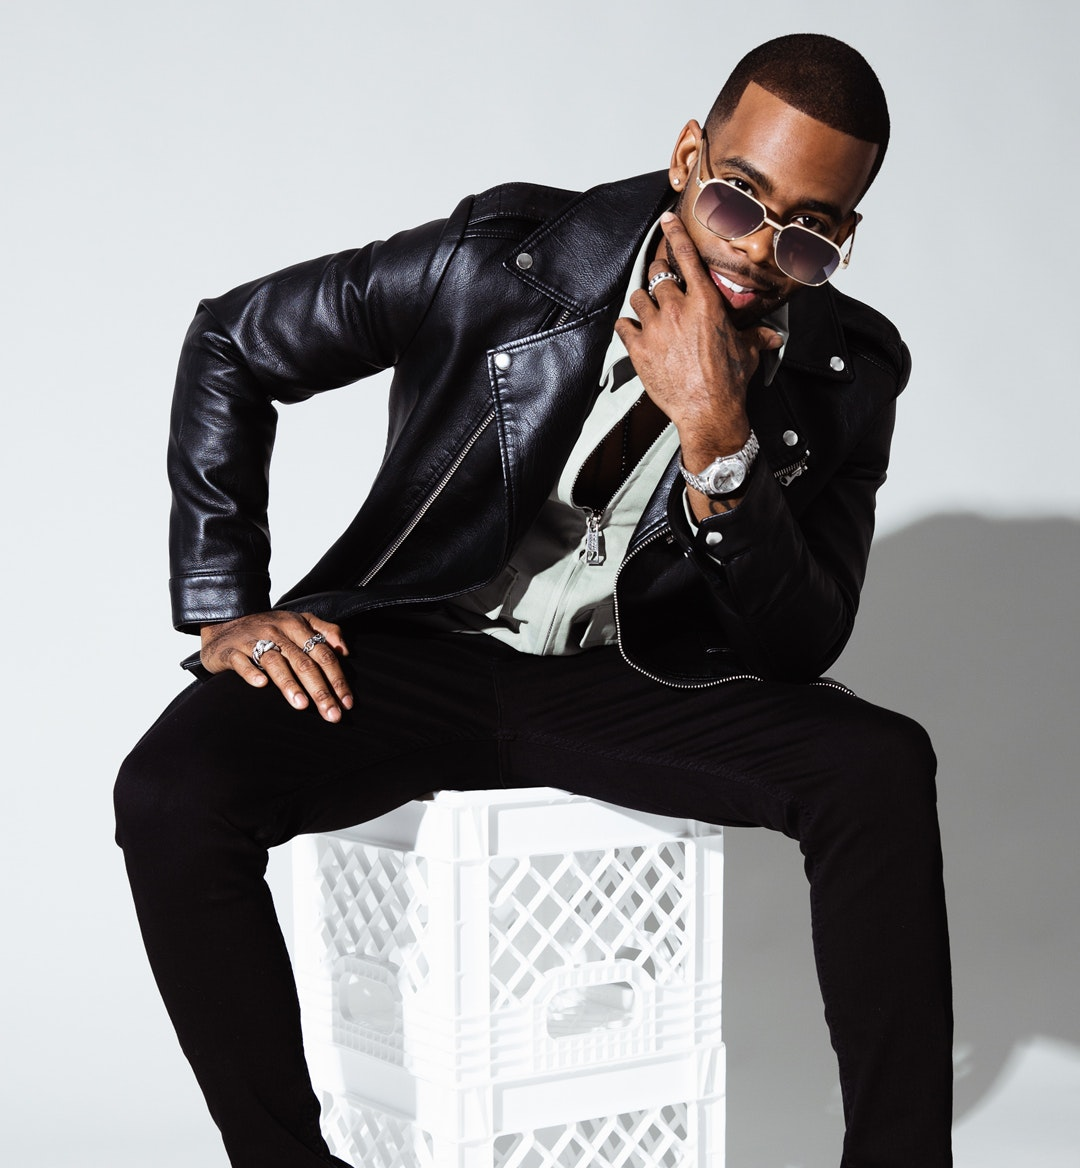 Mario singer studio shot sunglasses mobile